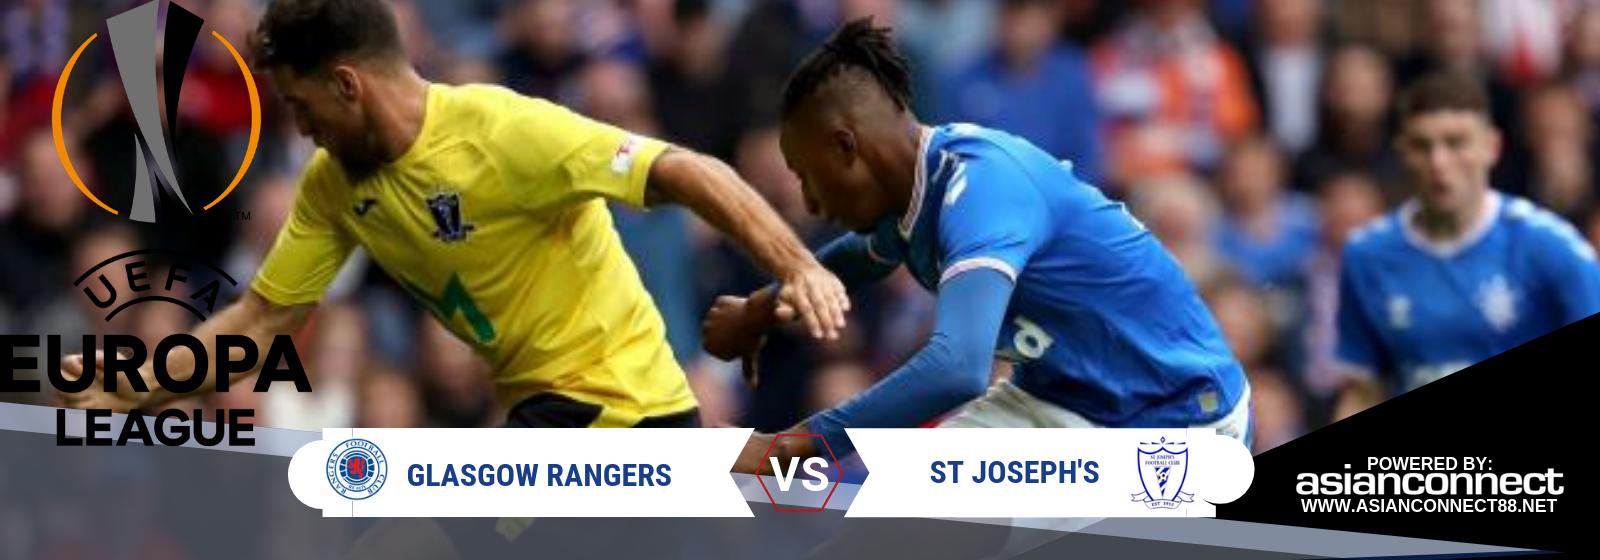 UEL Glasgow Rangers Vs. St Joseph's Asian Connect